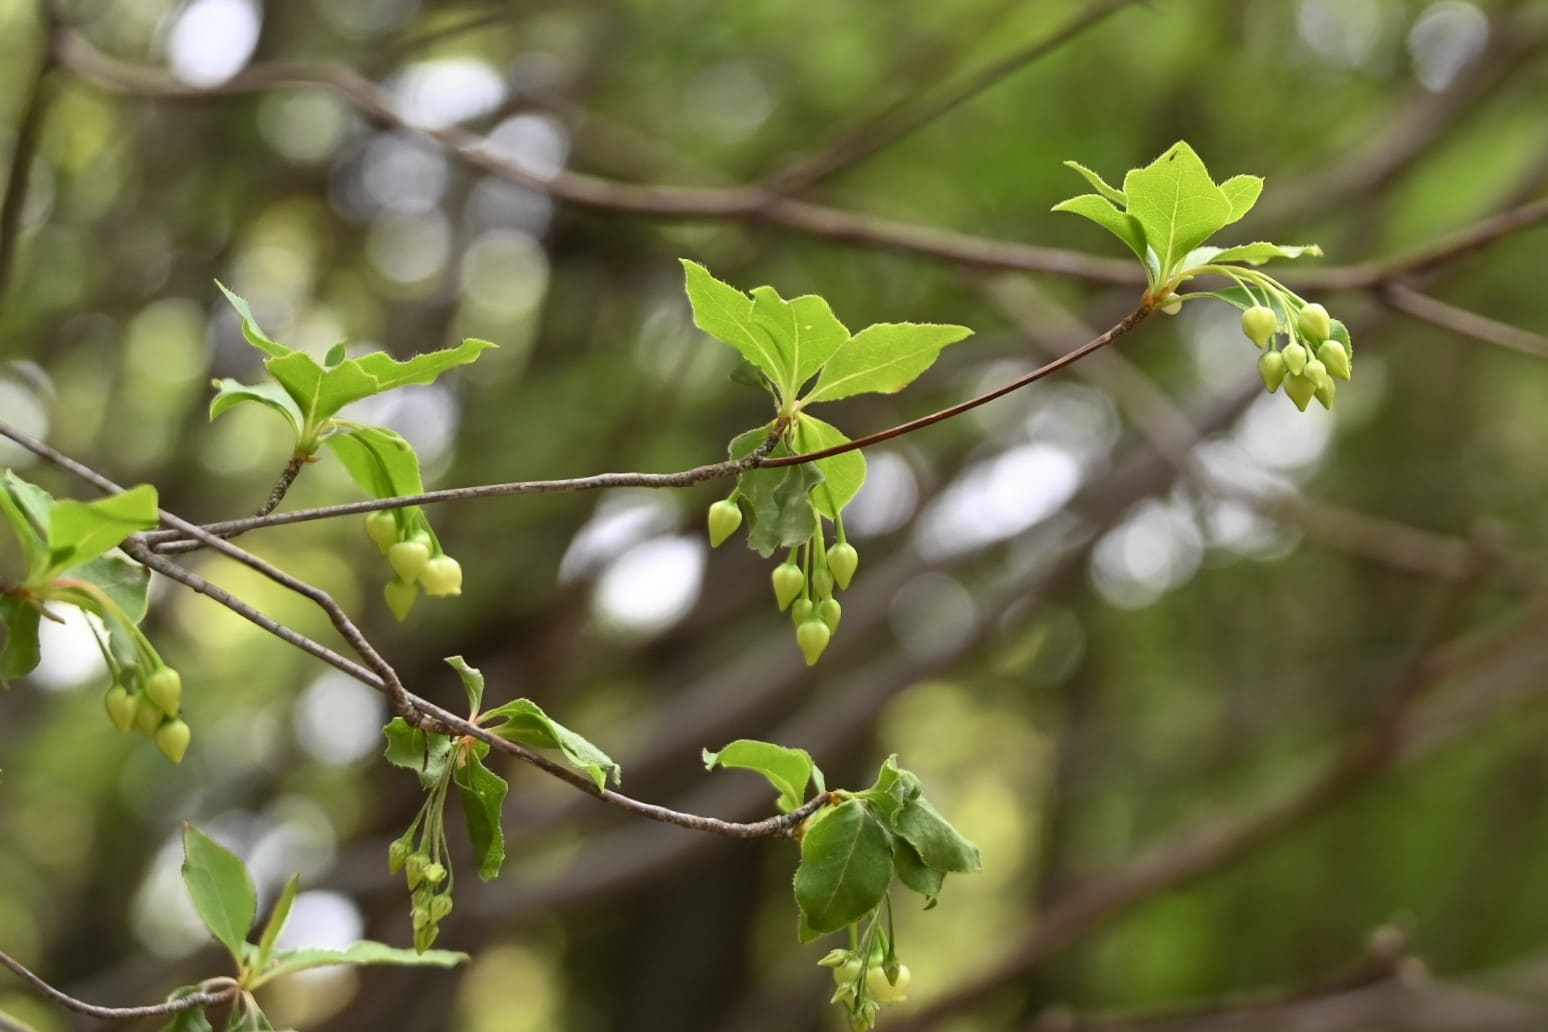 ヤマドウダン,あぶらつつじ,木,葉っぱ